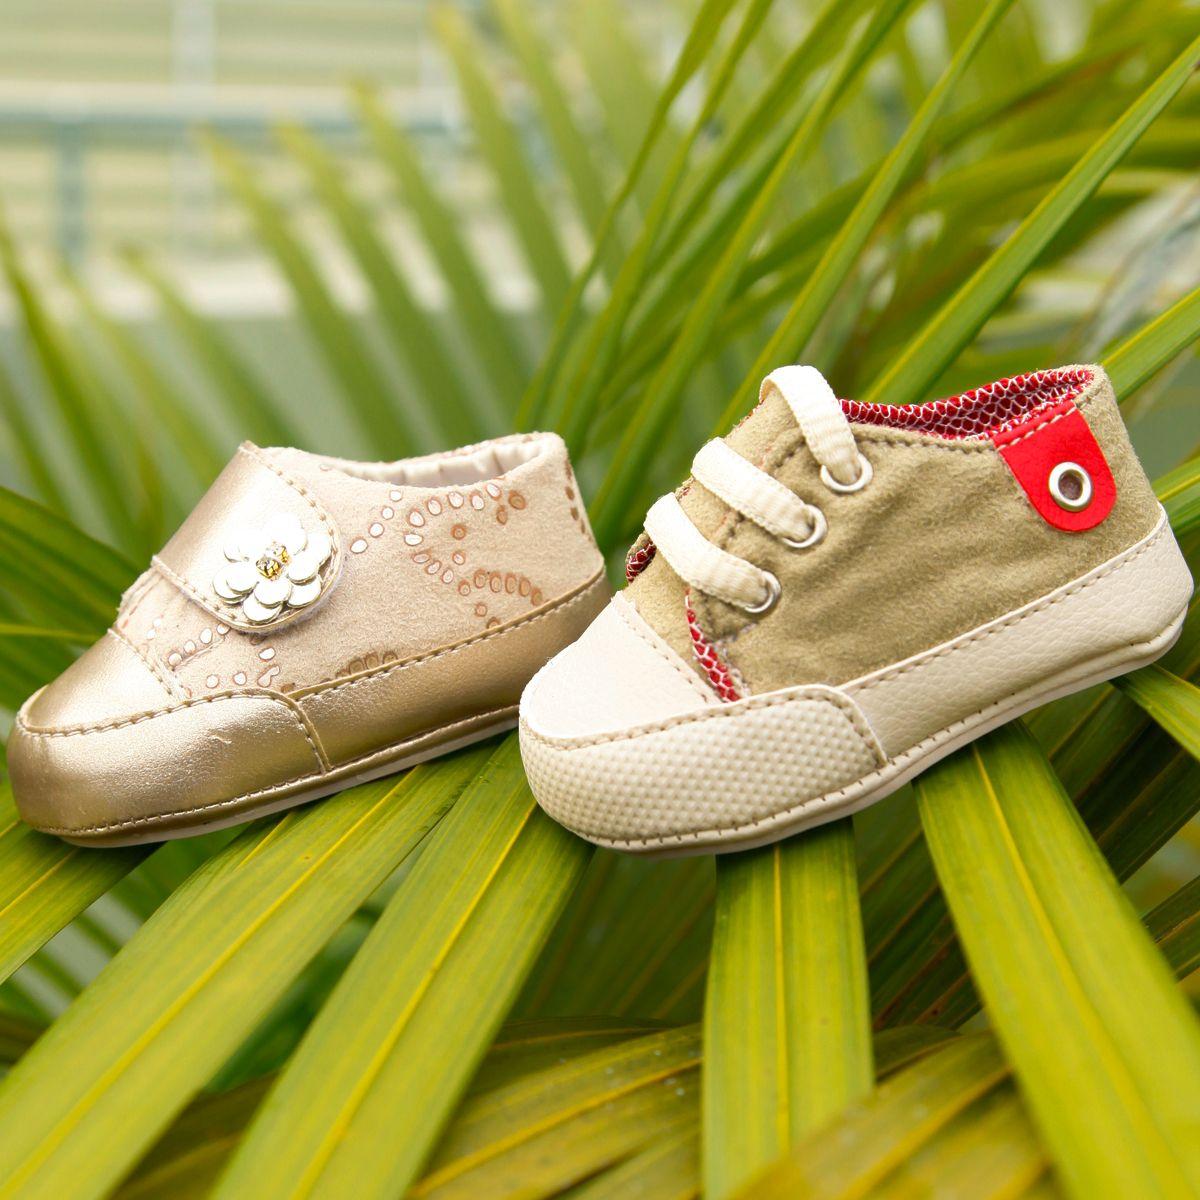 Turma do Pezinho, indústria de calçados infantis antenada com a moda e comprometida com a qualidade, conforto e bem estar dos pezinhos do seu filho. Garanta já essa fofura para o seu filhote: www.Dinda.com.br